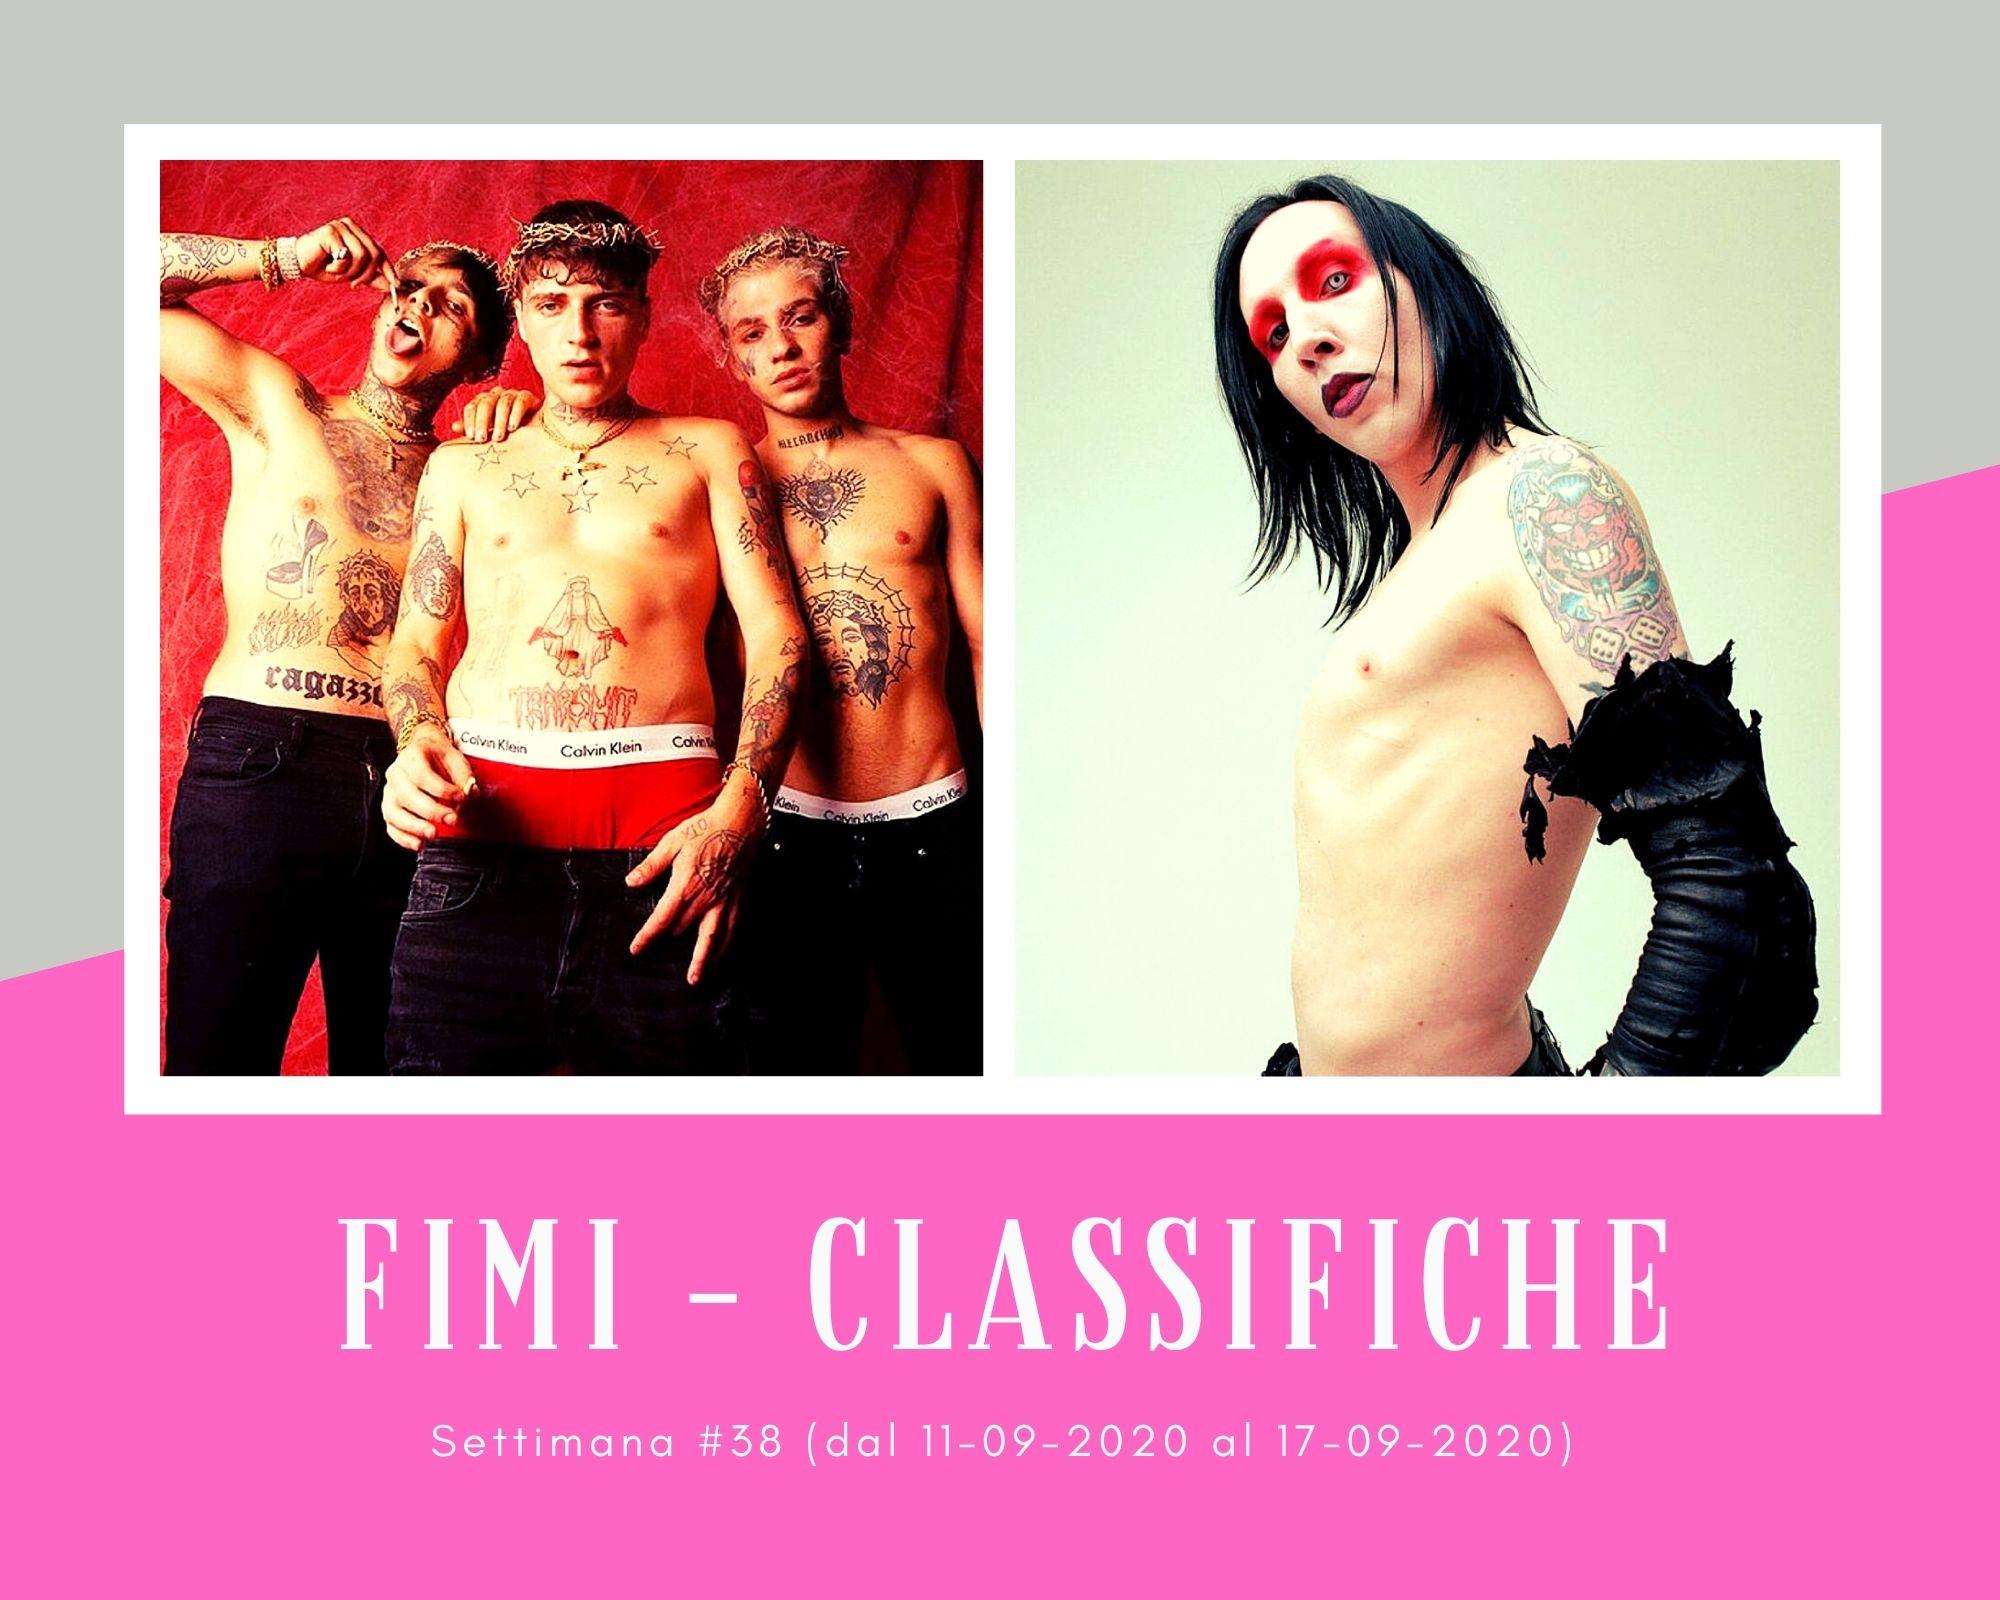 Classifiche FIMI, week 38: Marilyn Manson e gli FSK Satellite irrompono. Non decollano Emma e Tommaso Paradiso